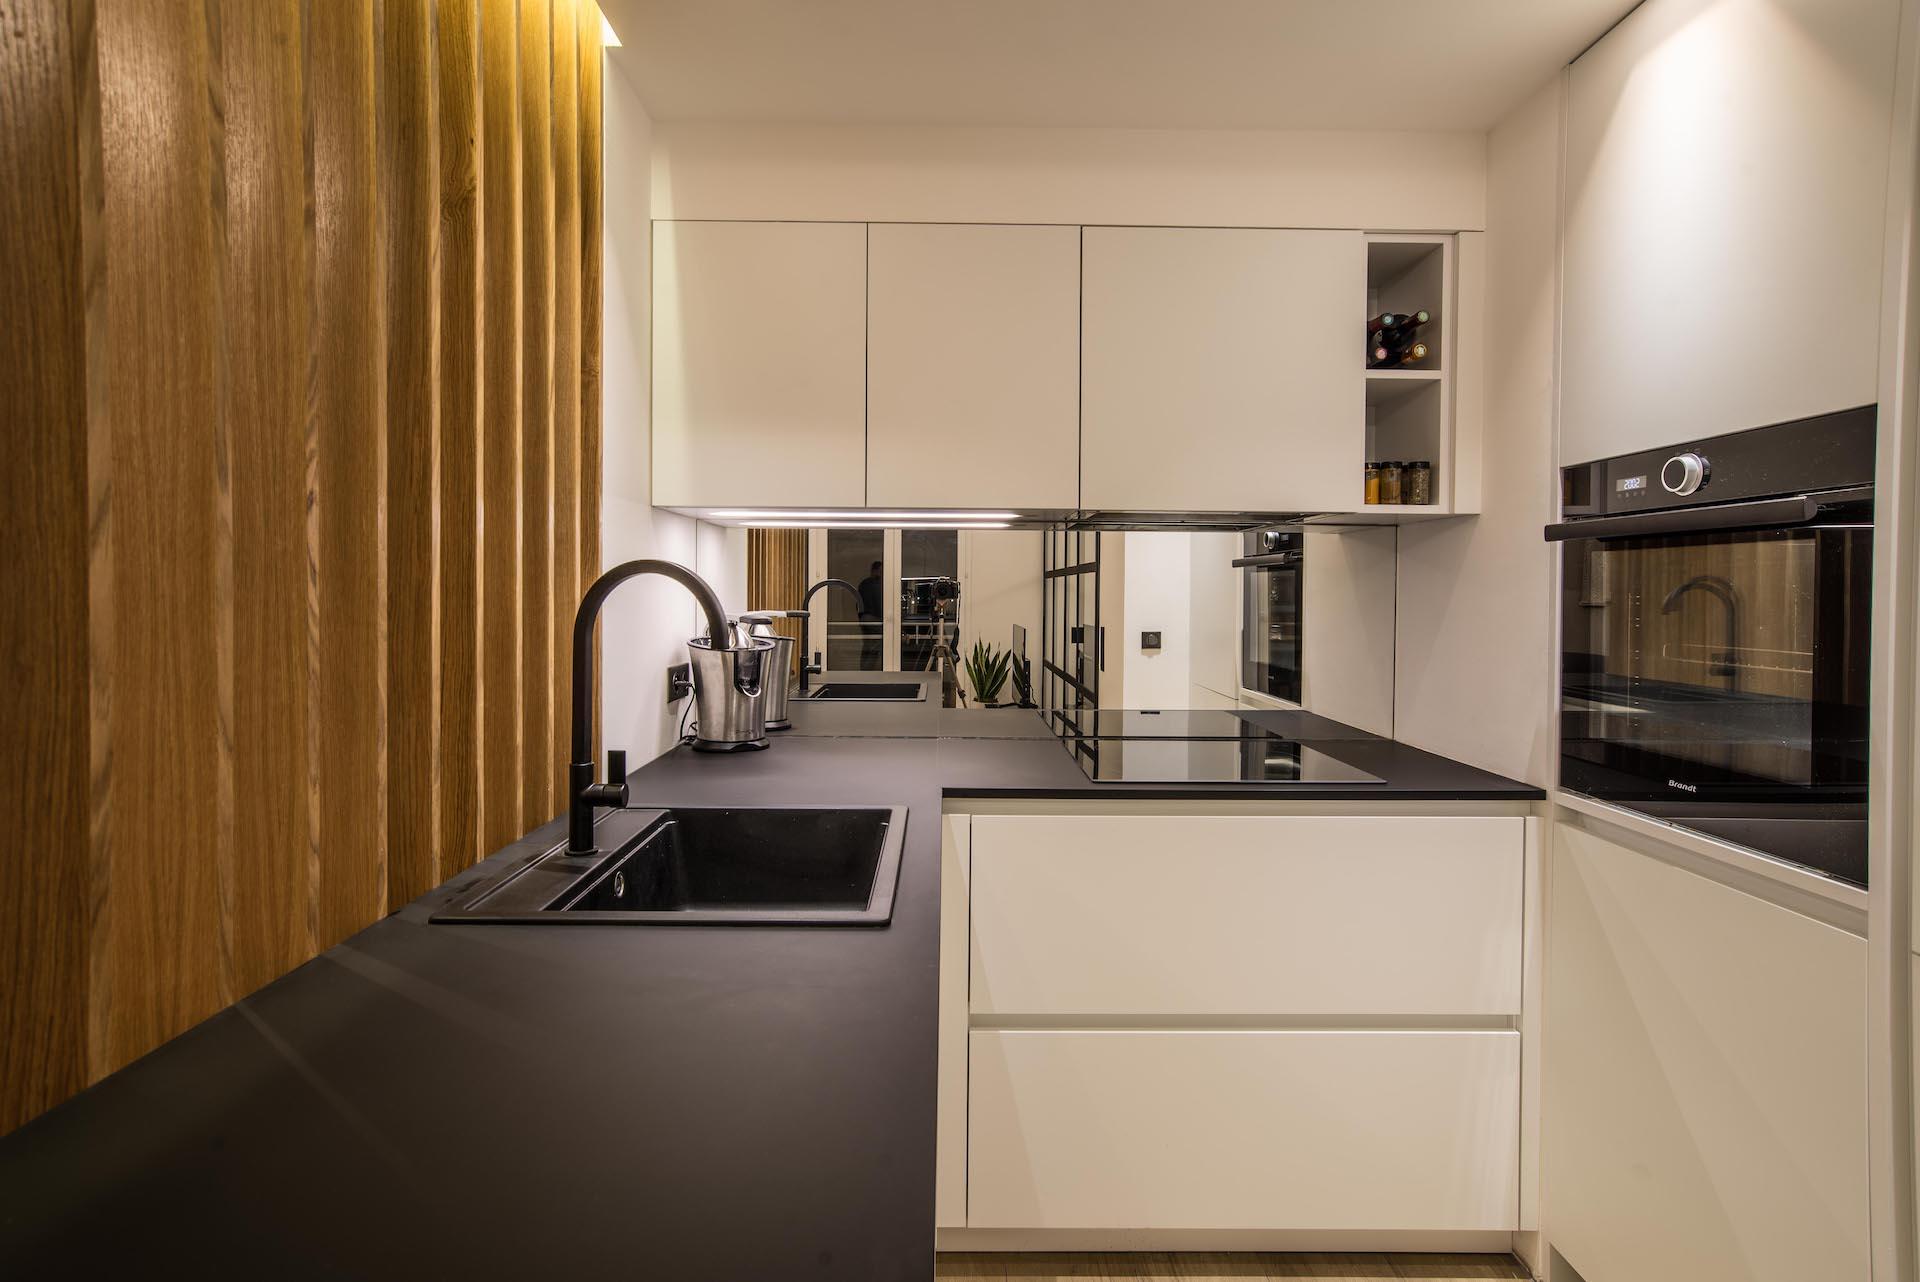 Rénovation-aménagement-décoration-appartement-Sainte-Maxime-architecte-interieur-var17